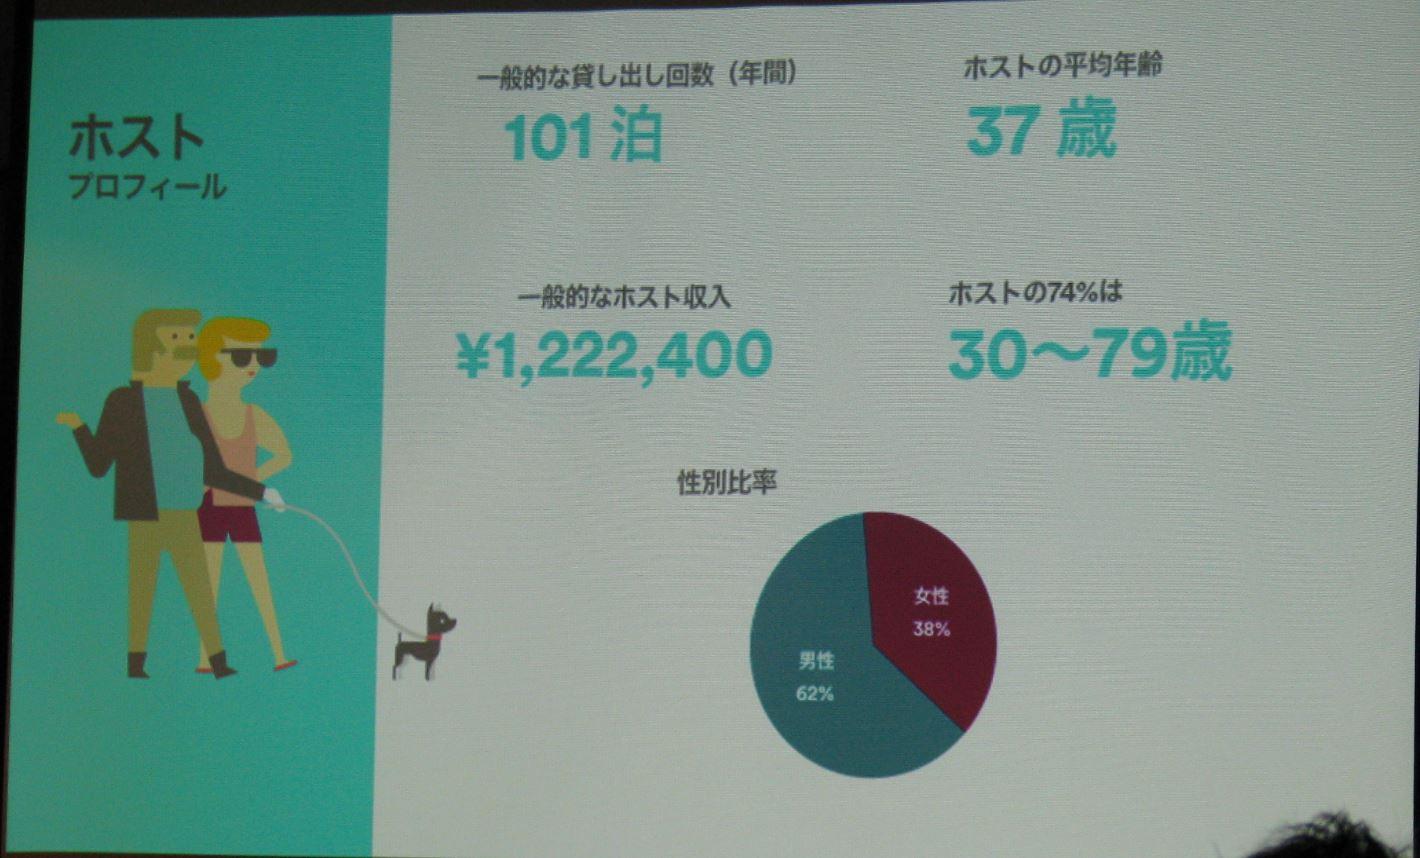 民泊Airbnbが日本市場の最新データを公開、平均貸出回数は年間101泊、ホスト収入122万円など -日本でも税金の徴収代行に意欲